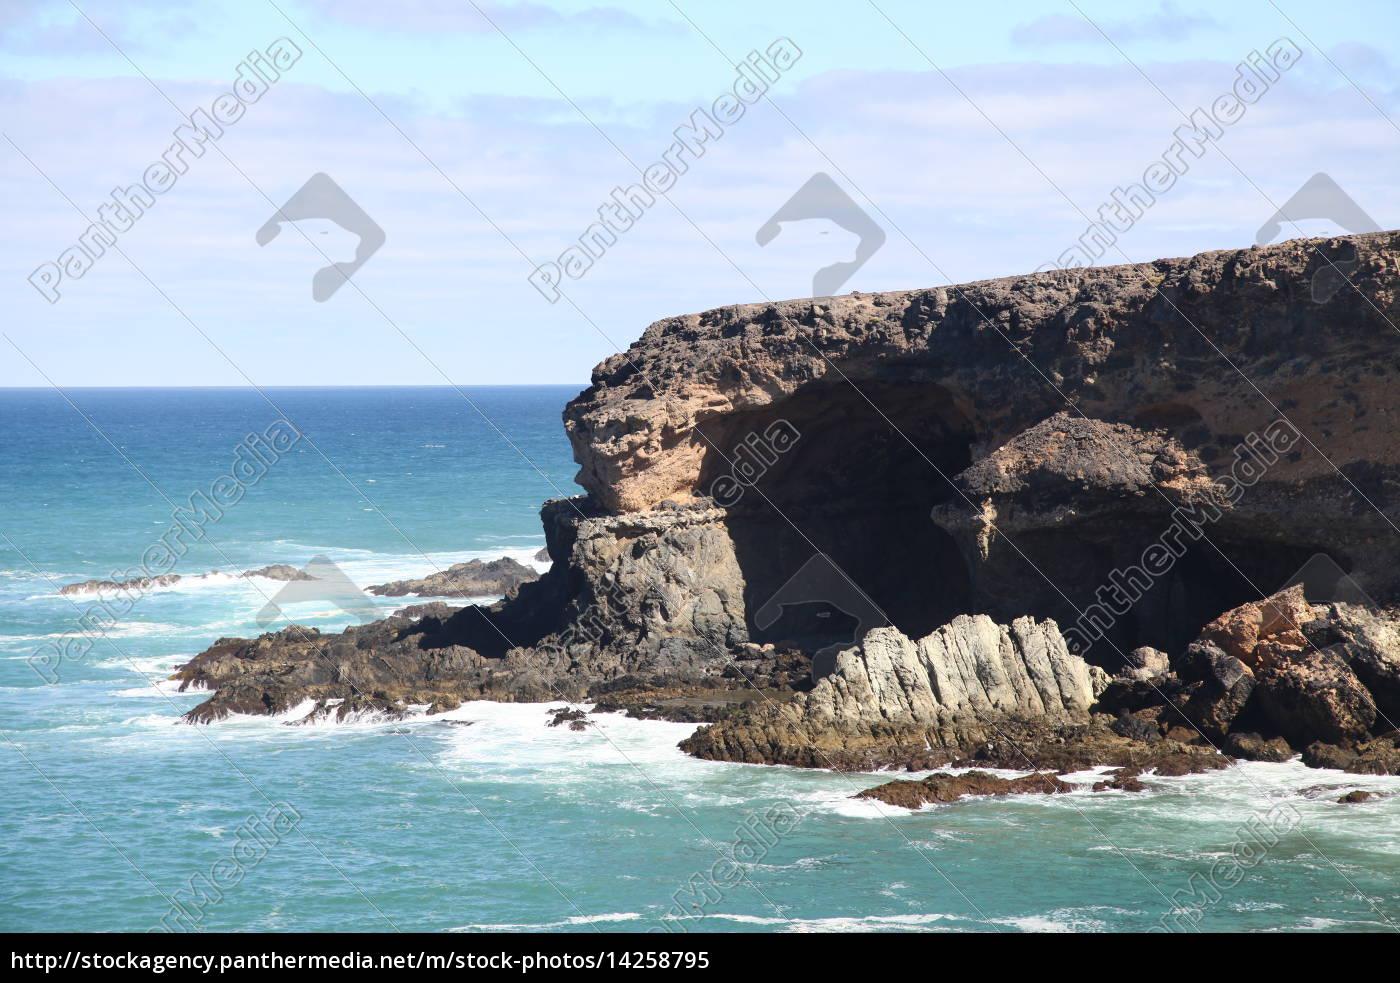 férias, caverna, canário, viagens, viagem, viajar - 14258795